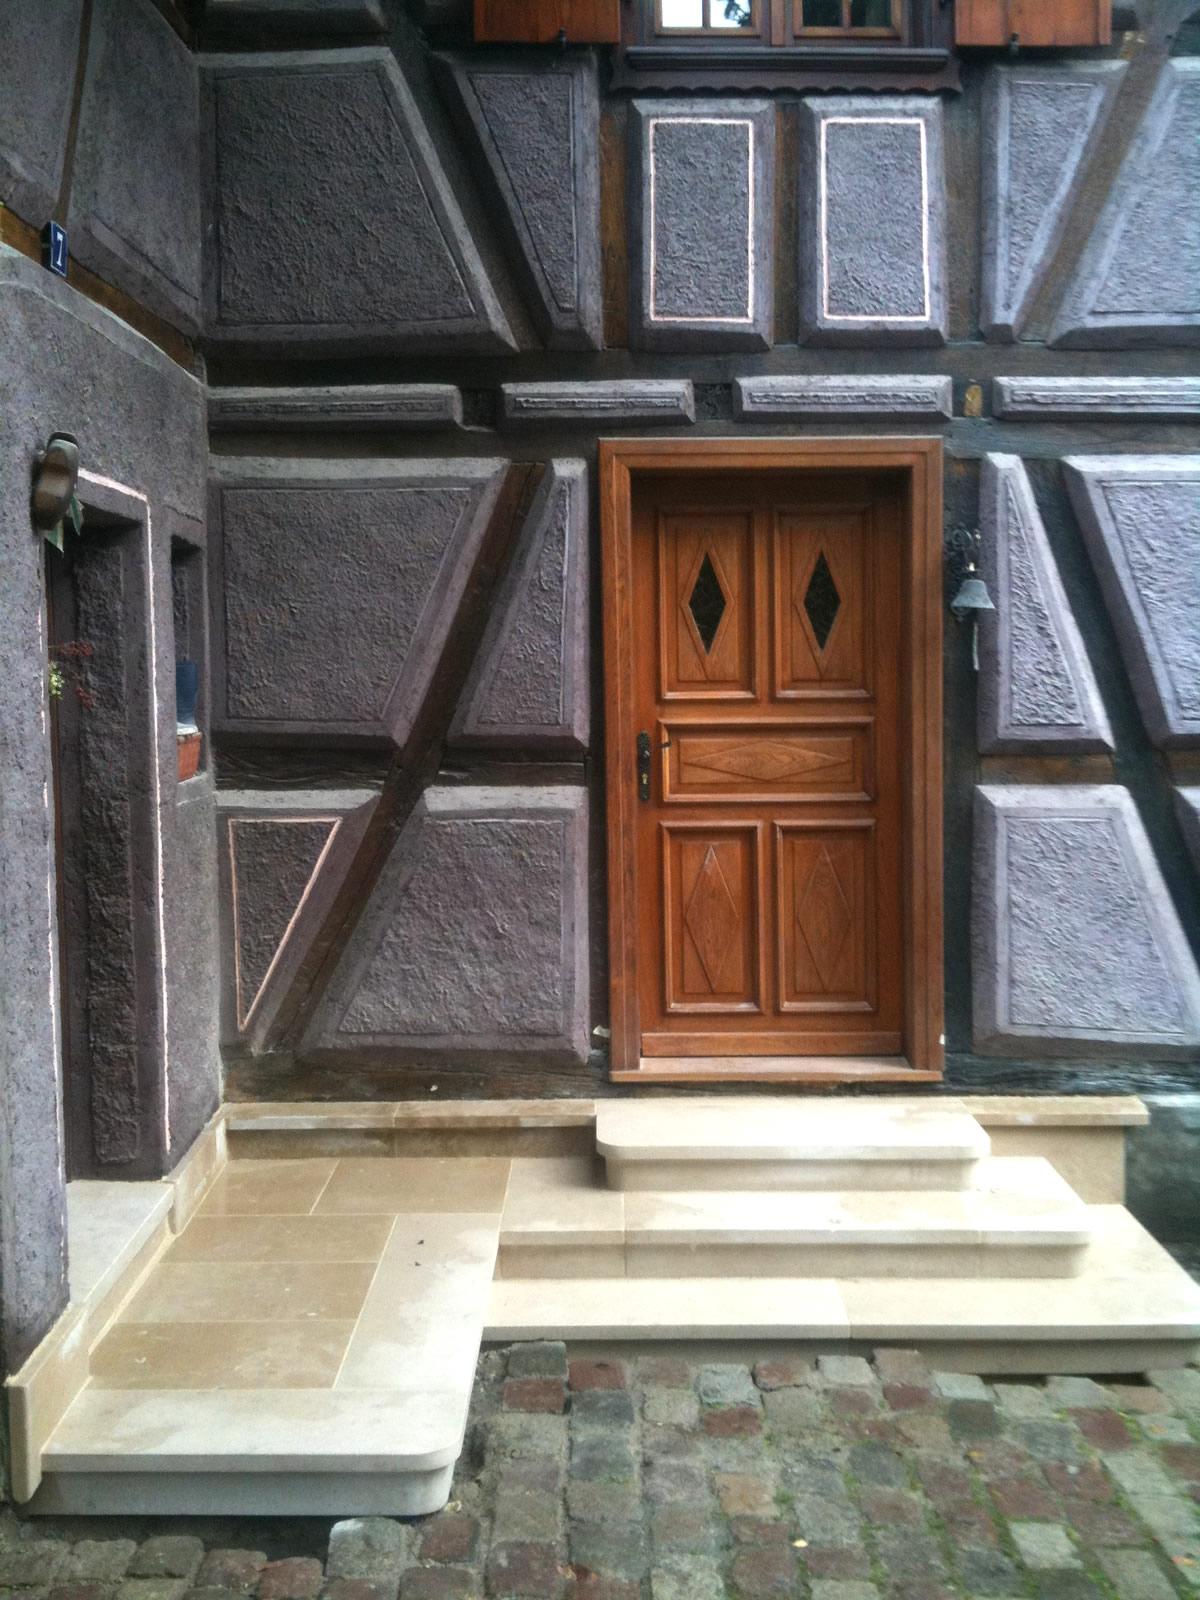 Seuil de maison traditionnelle alsacienne